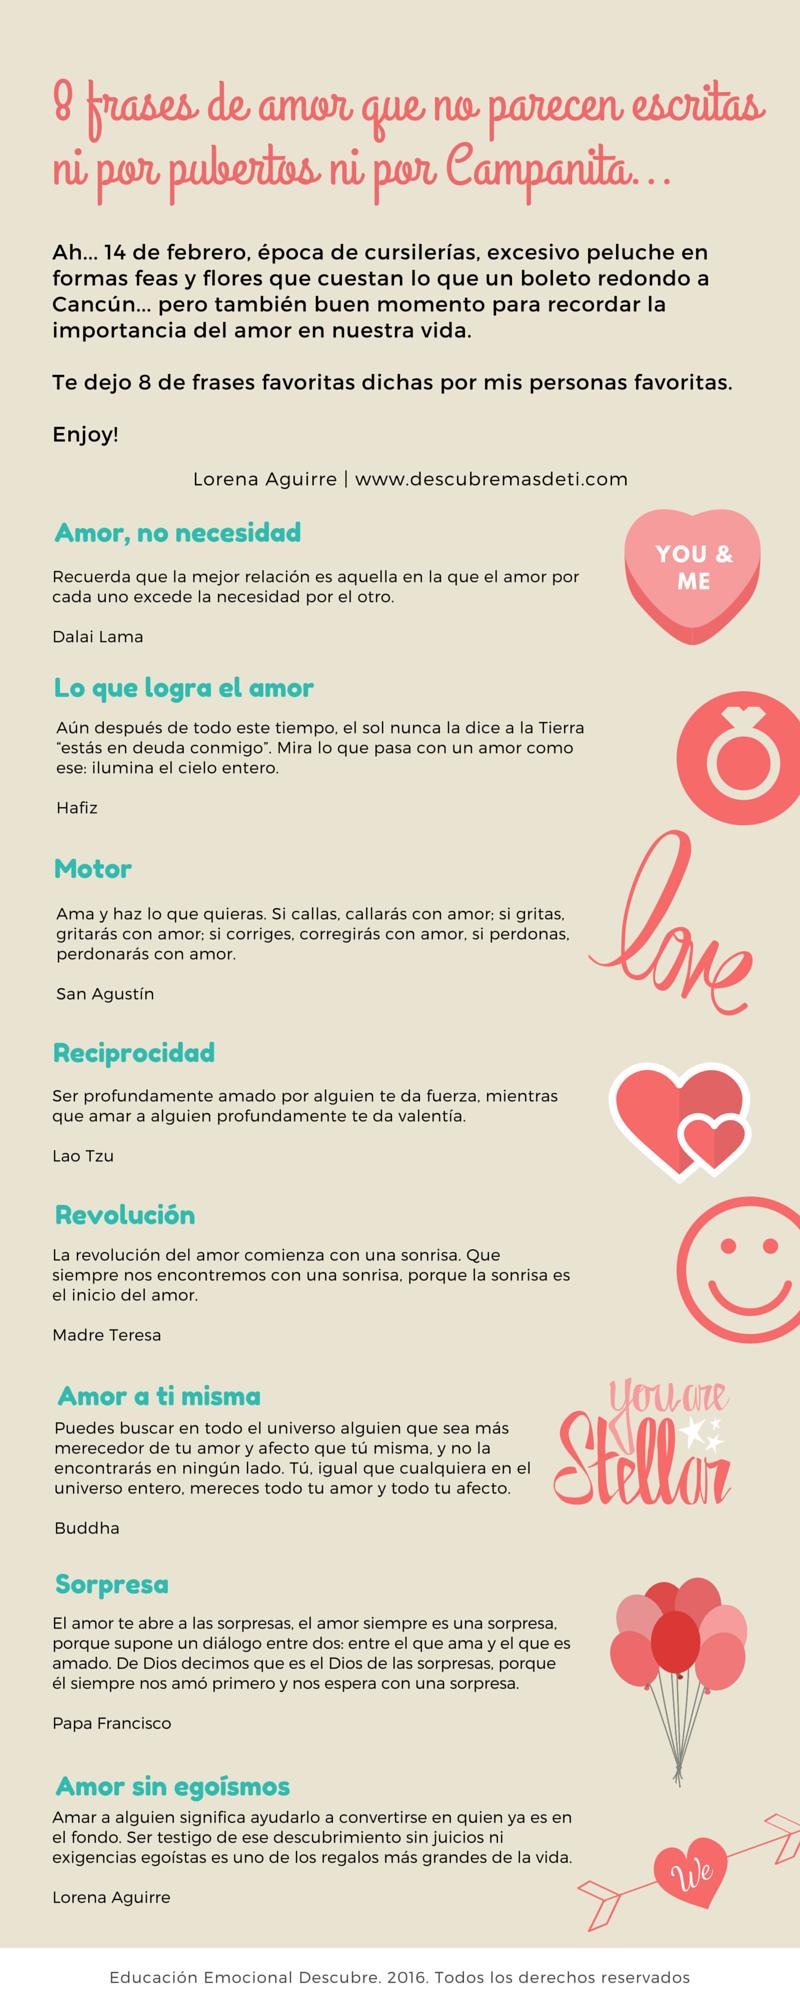 8 Frases De Amor Que No Dan Ganas De Vomitar Descubre Mas De Ti